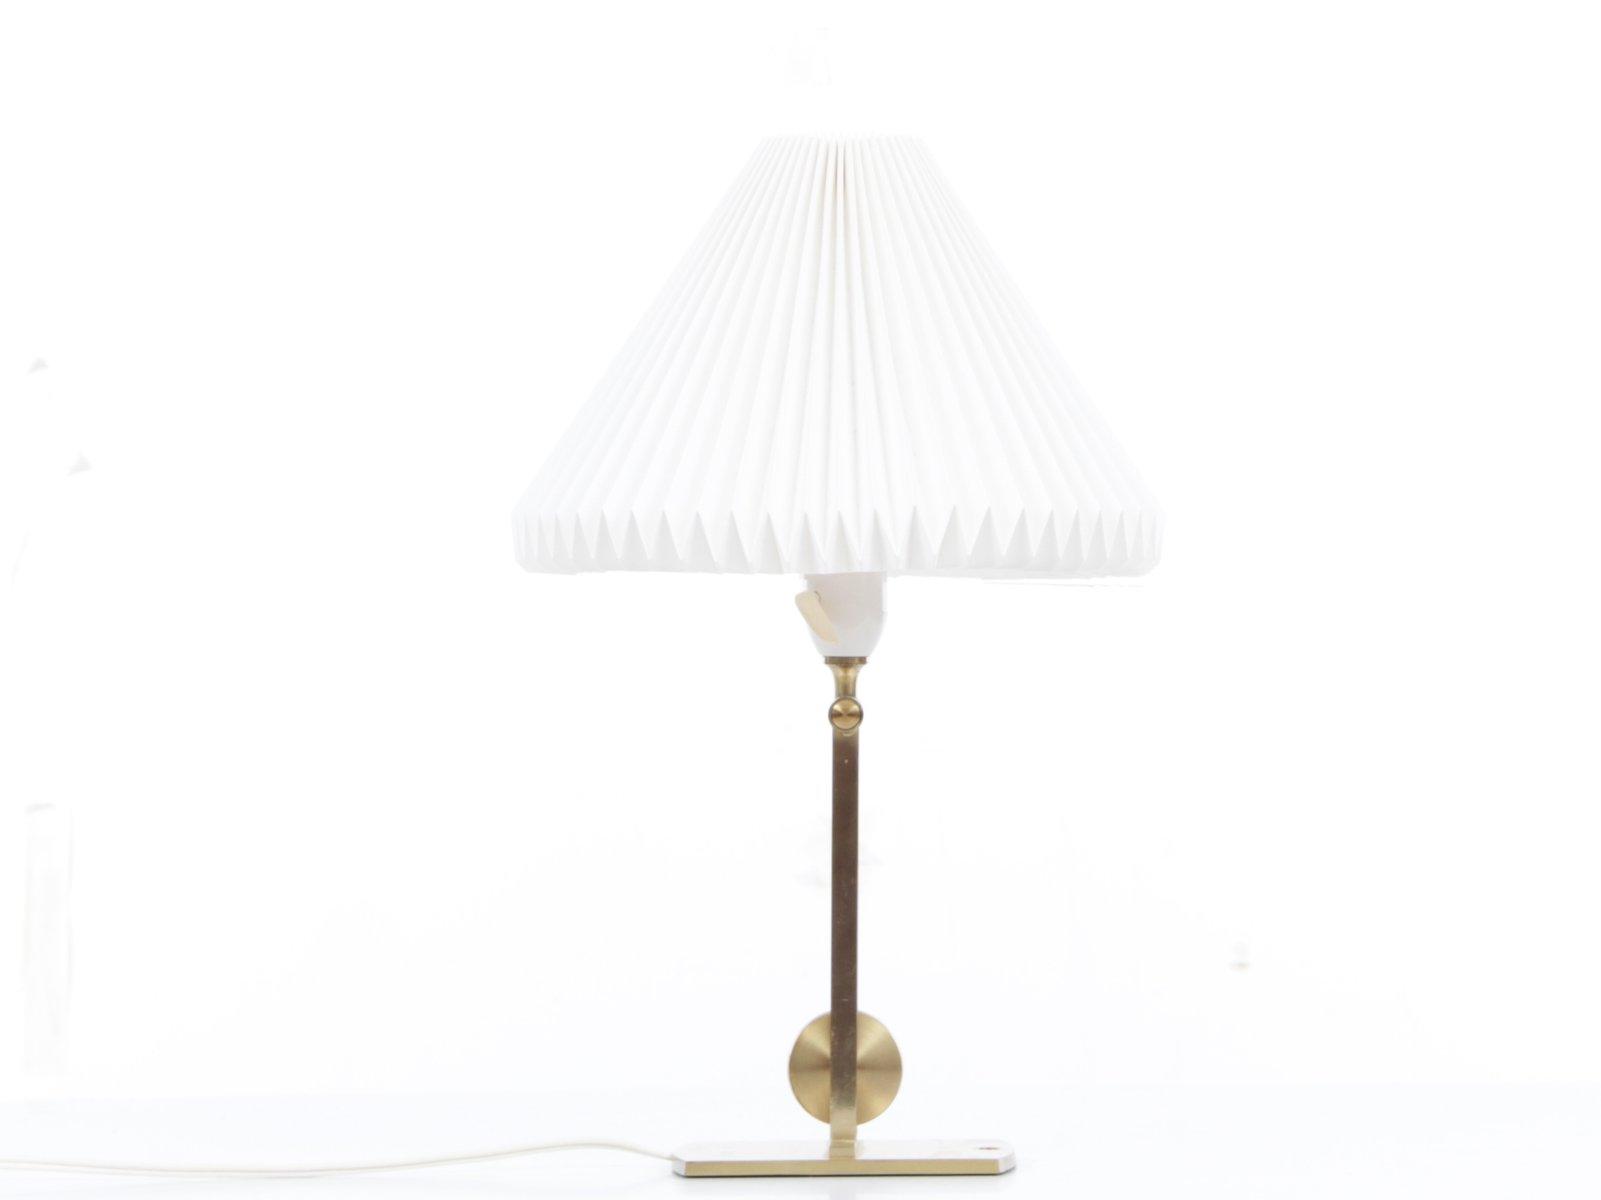 Moderne Skandinavische Mid-Century Lampe von Le Klint, 1960er